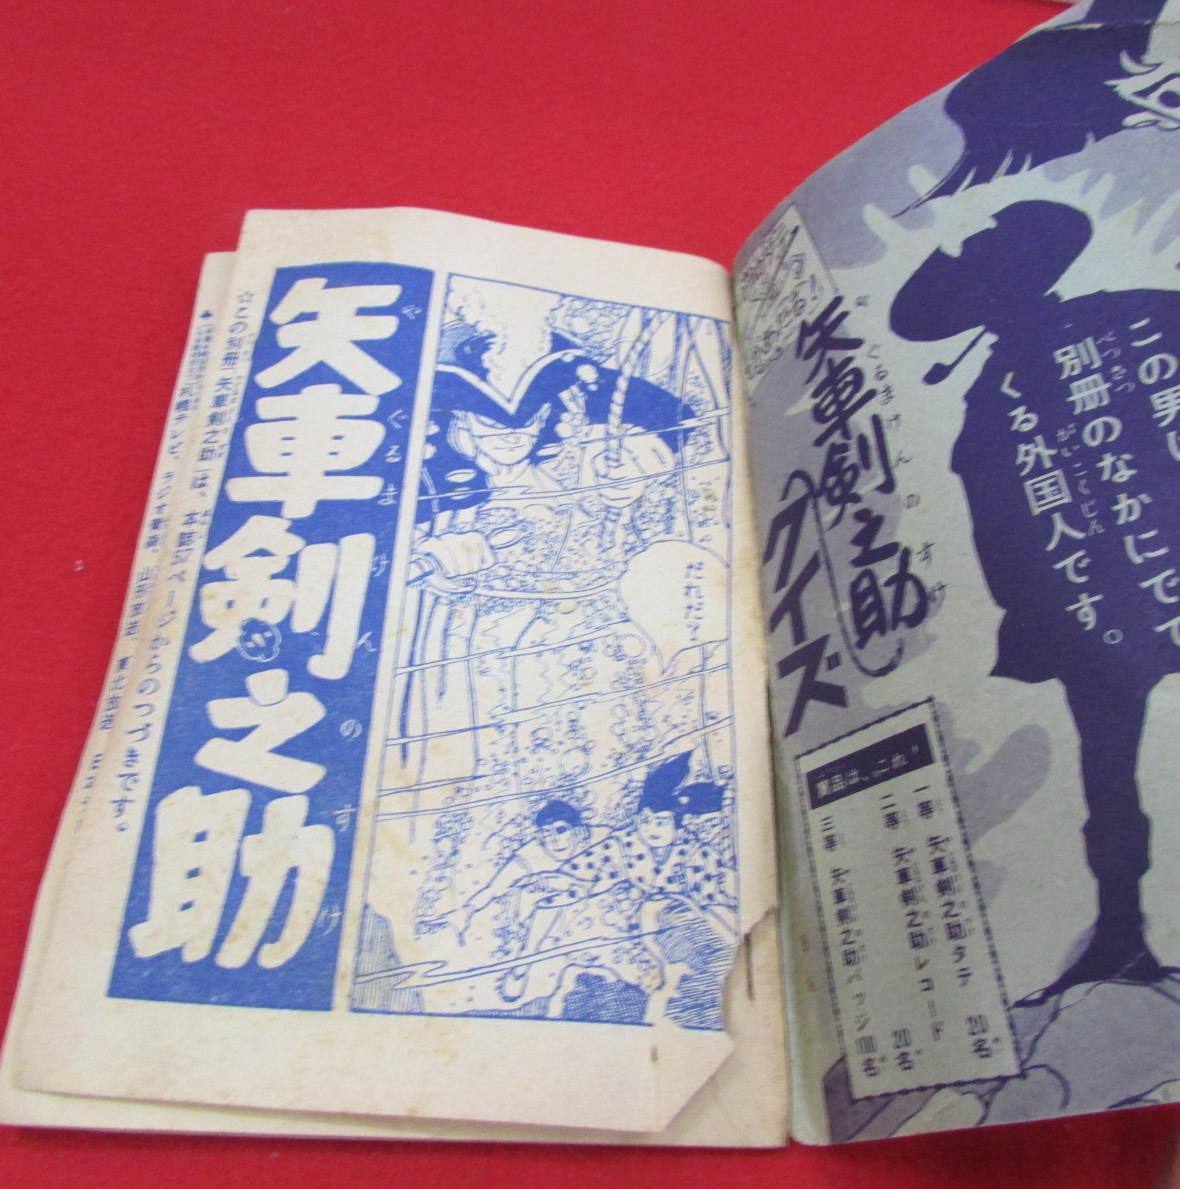 少年10月ふろく 矢車剣之助 堀江卓 昭和35年_タイトルページ綴じにヤブレあり